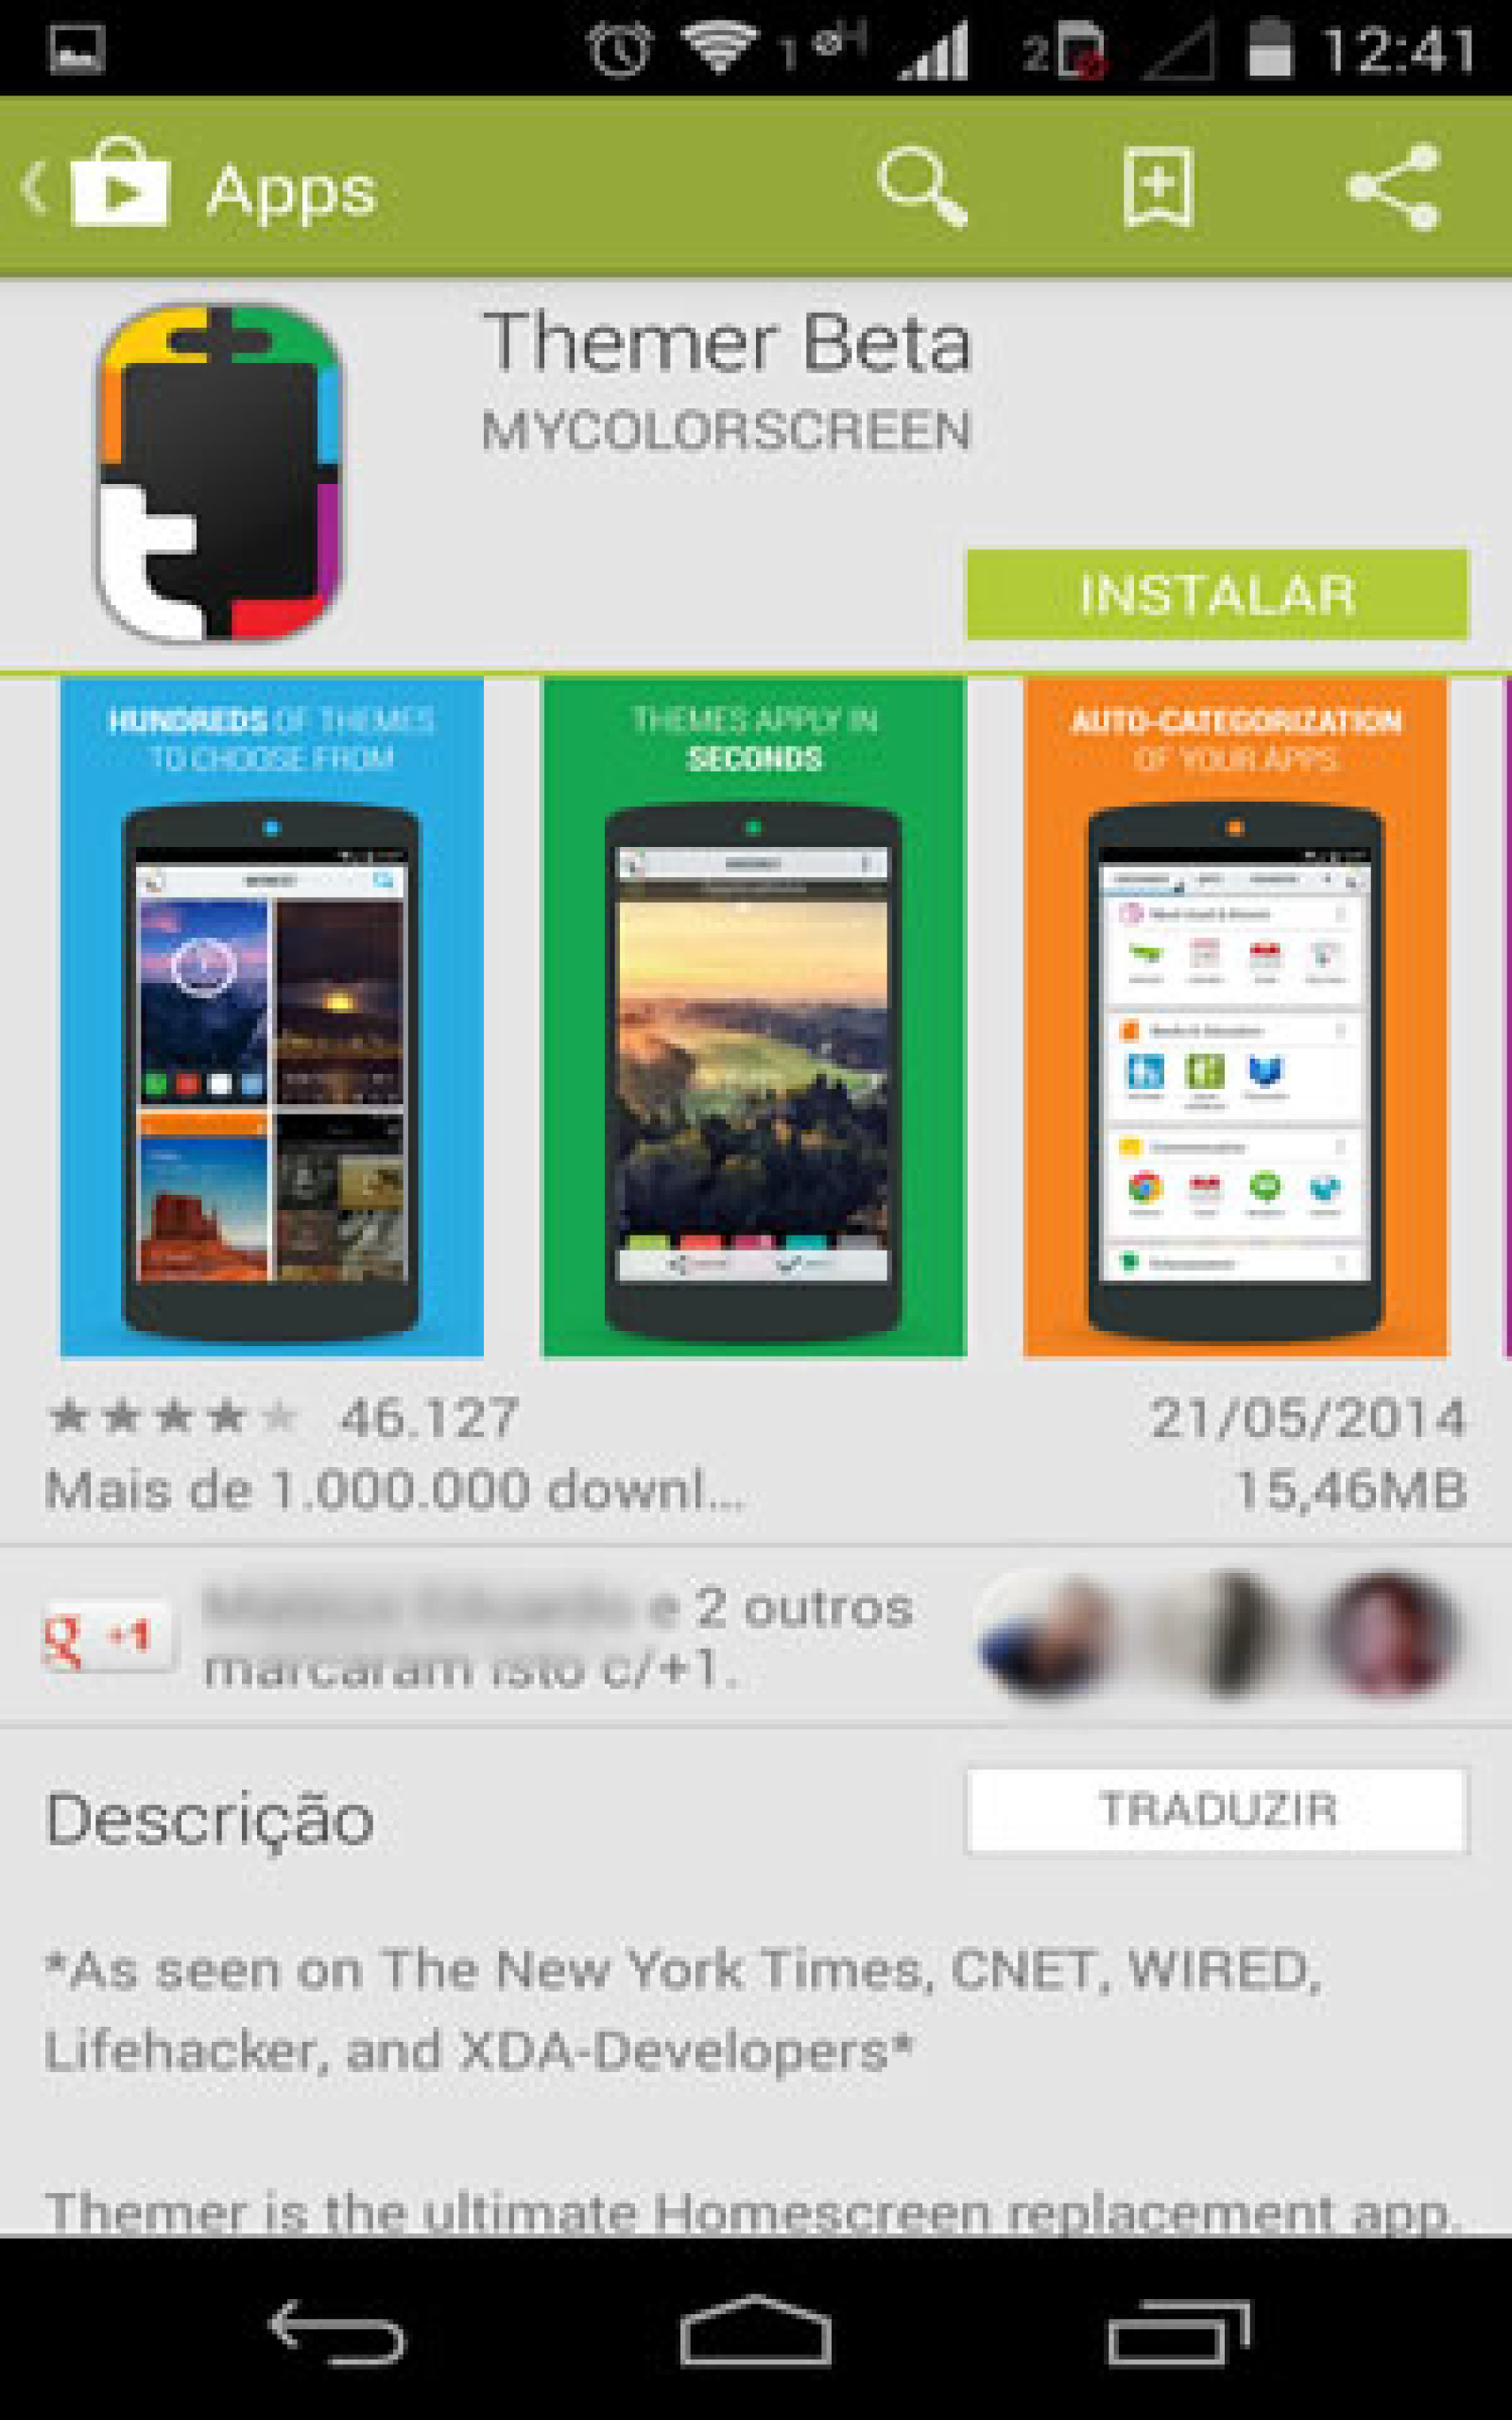 Como mudar o tema do meu celular smartphone Android